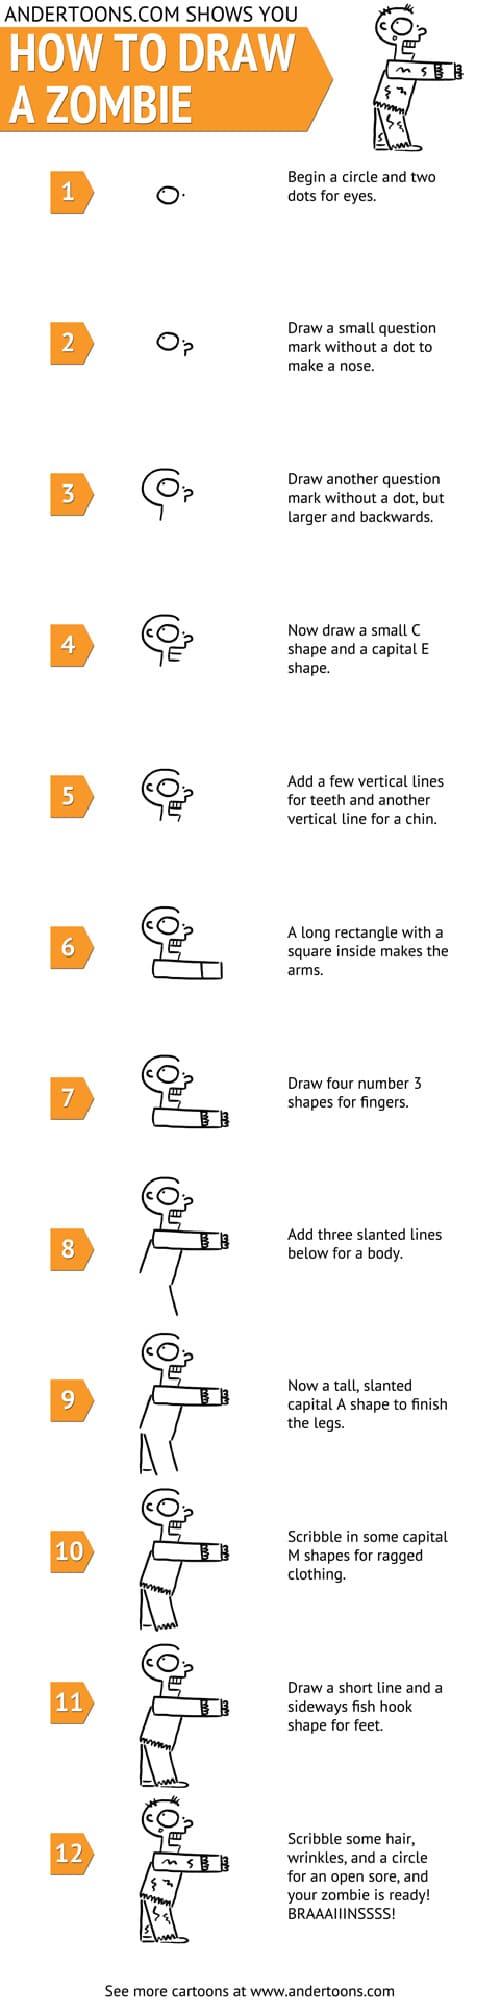 draw-a-cartoon-zombie-chart